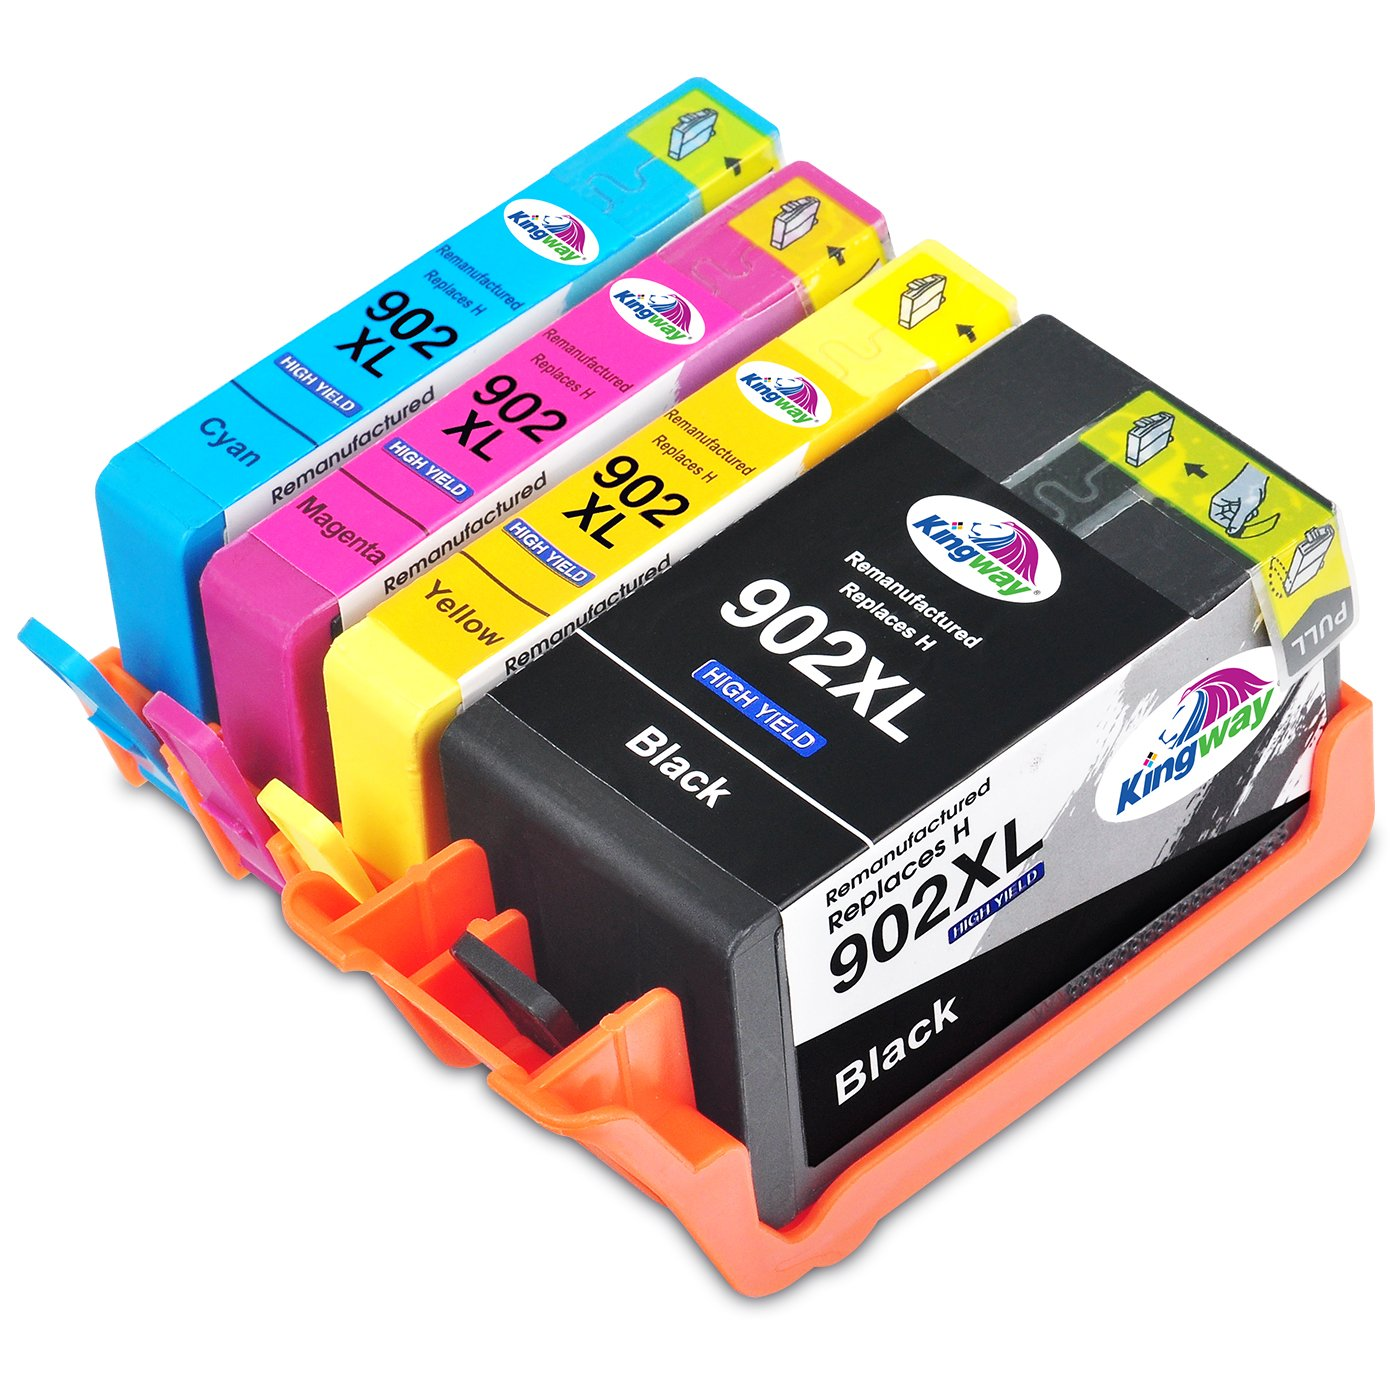 Cheap Hp Officejet 5510 Printer Cartridge, find Hp Officejet